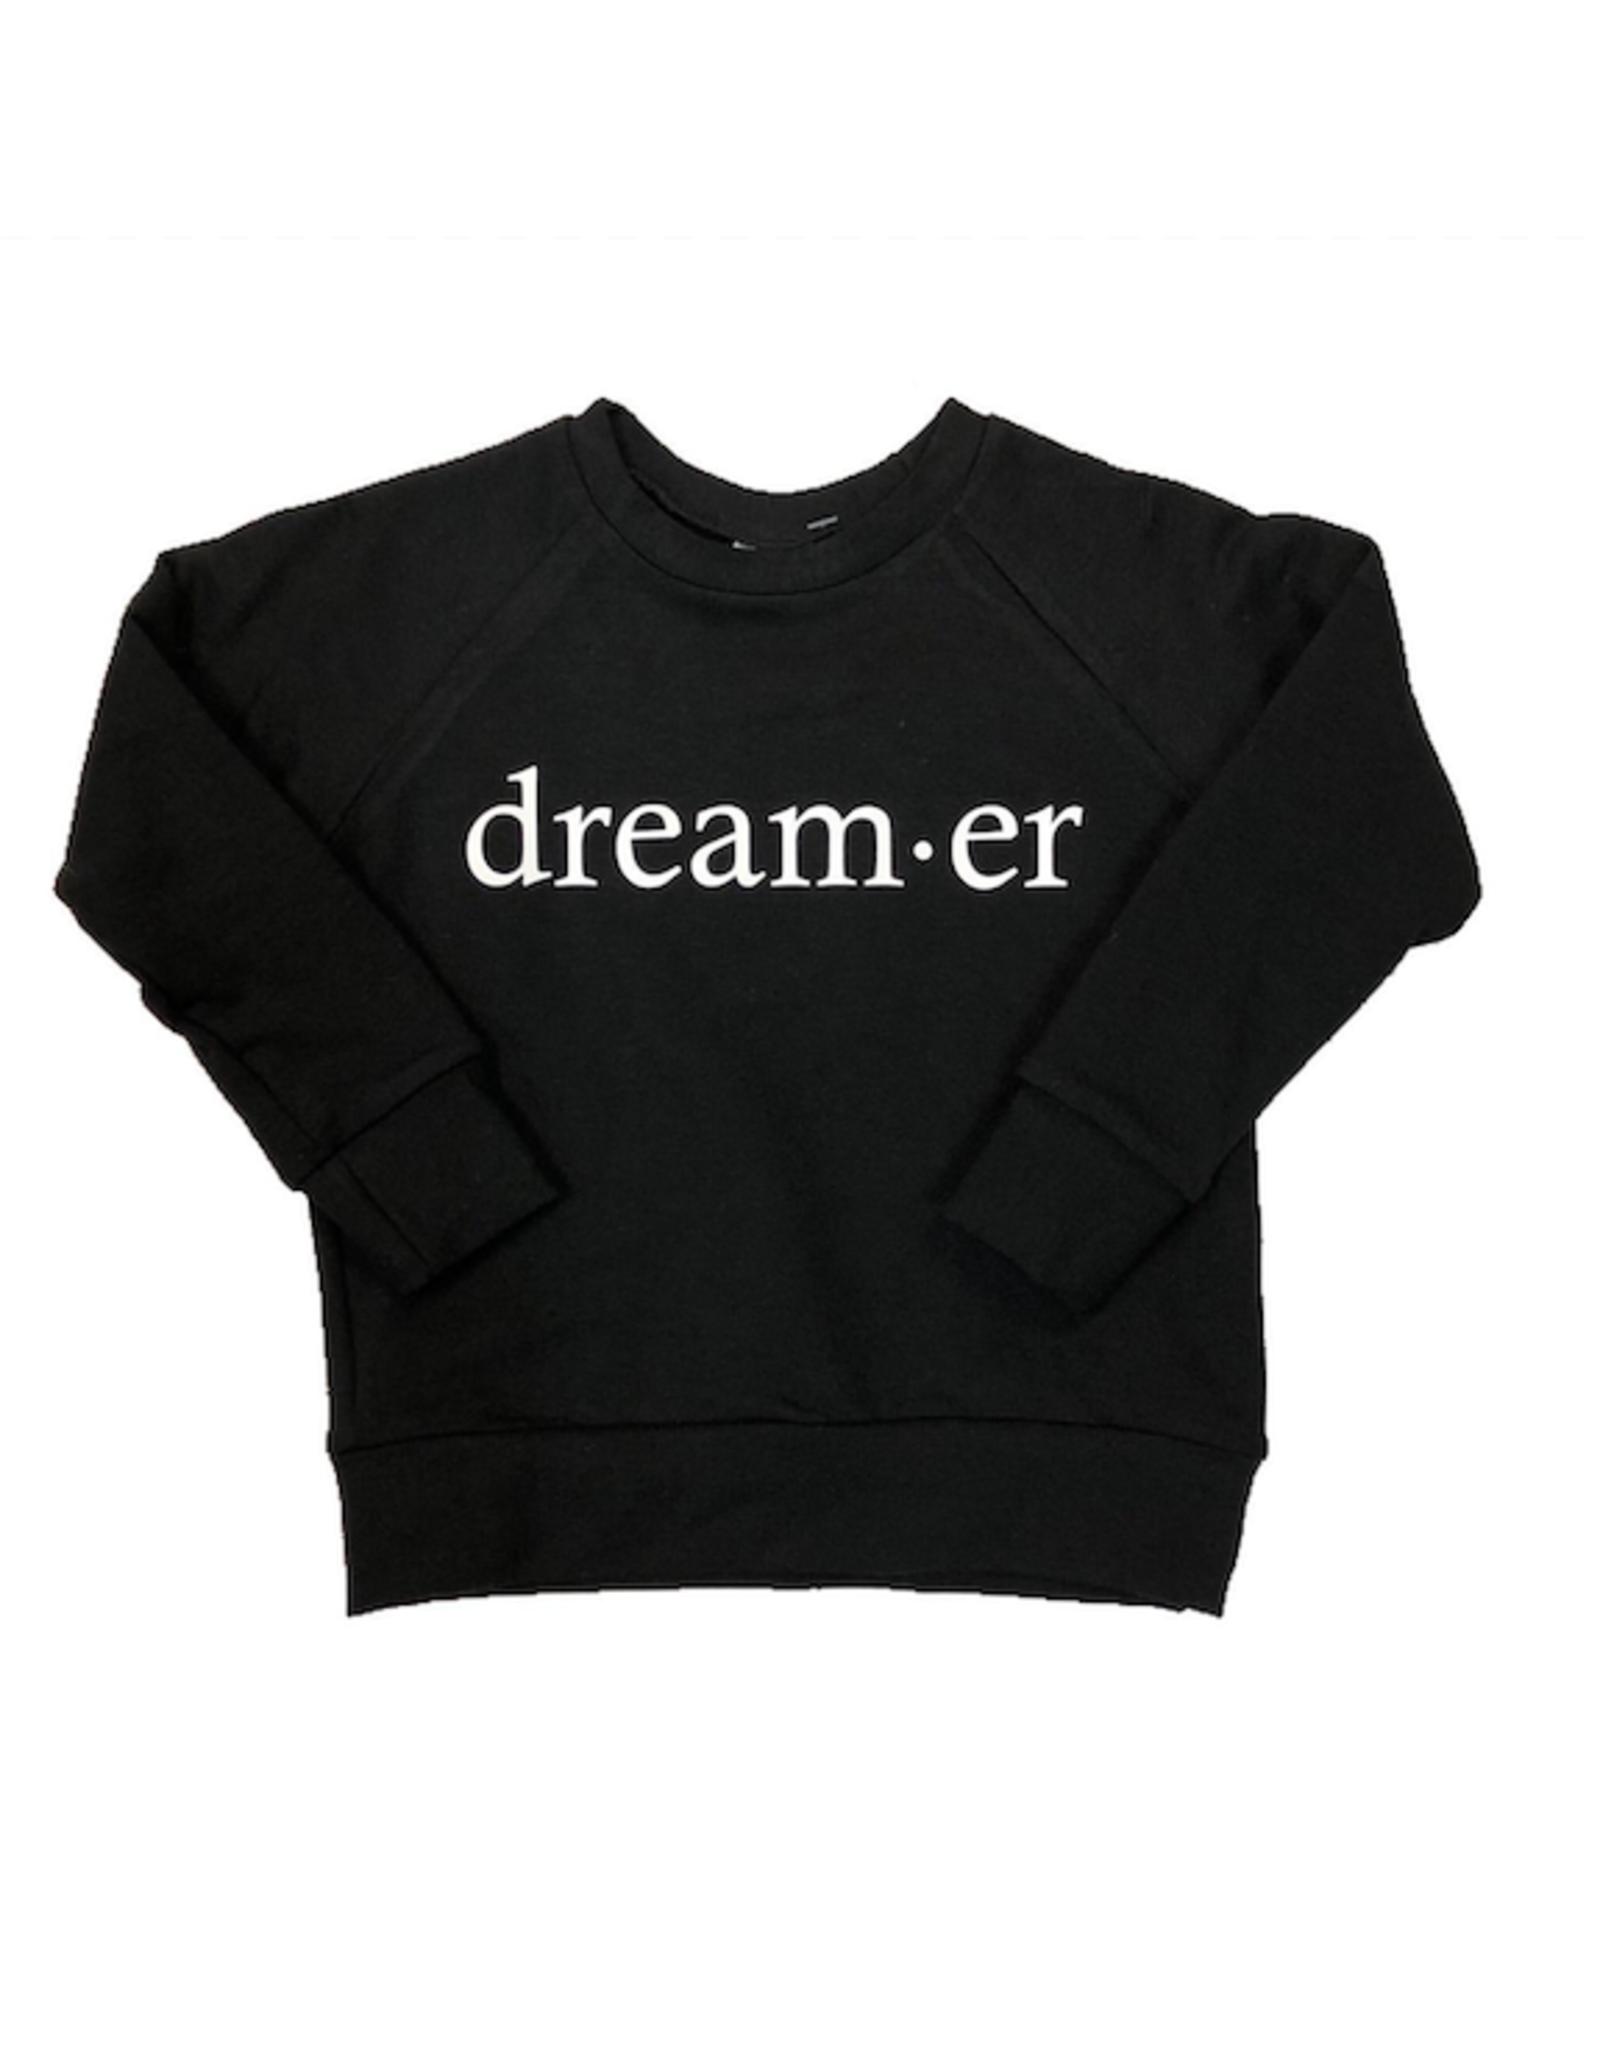 Posh & Cozy Dream-er Black Crewneck